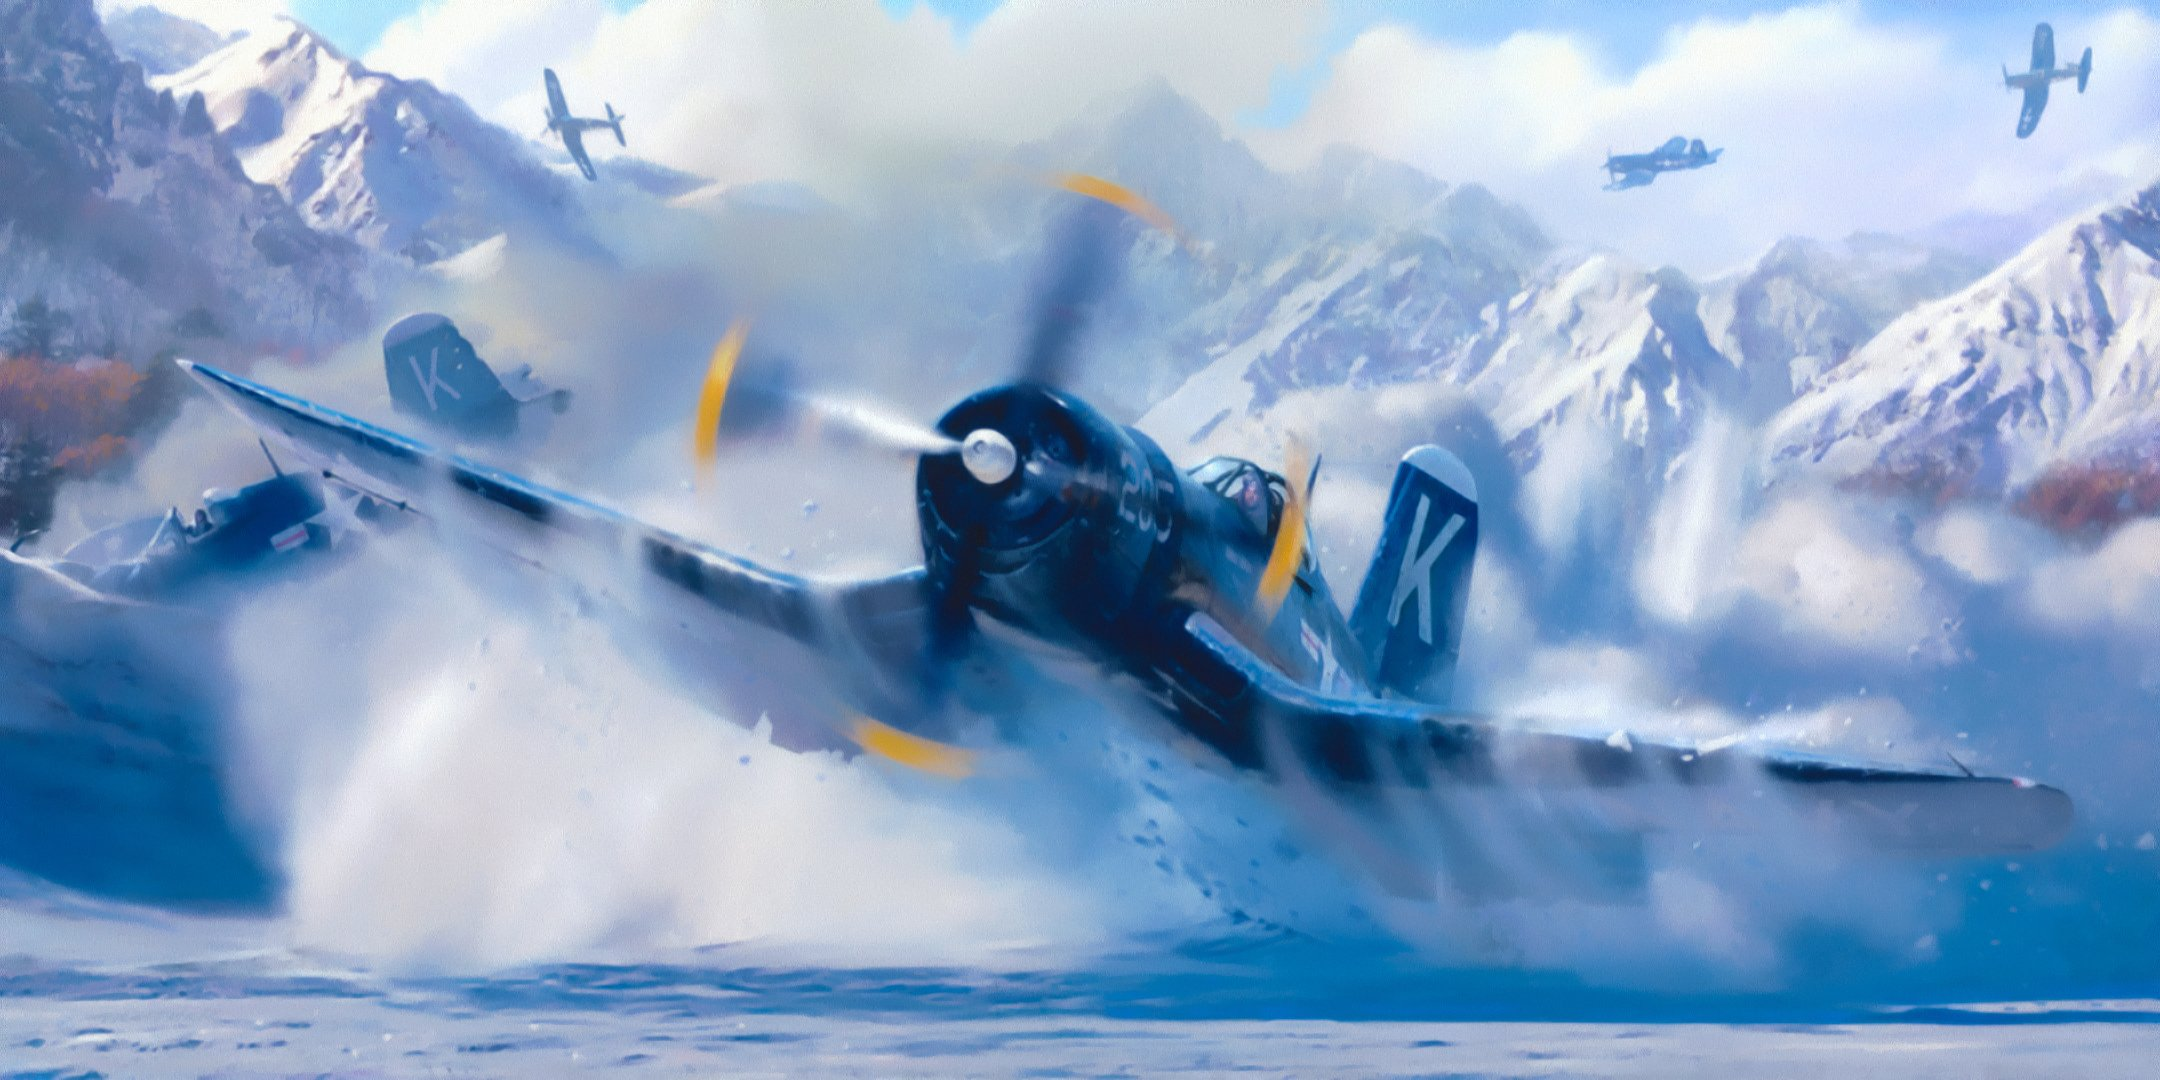 Обои Вторая мировая, F4u corsair, chance vought. Авиация foto 11